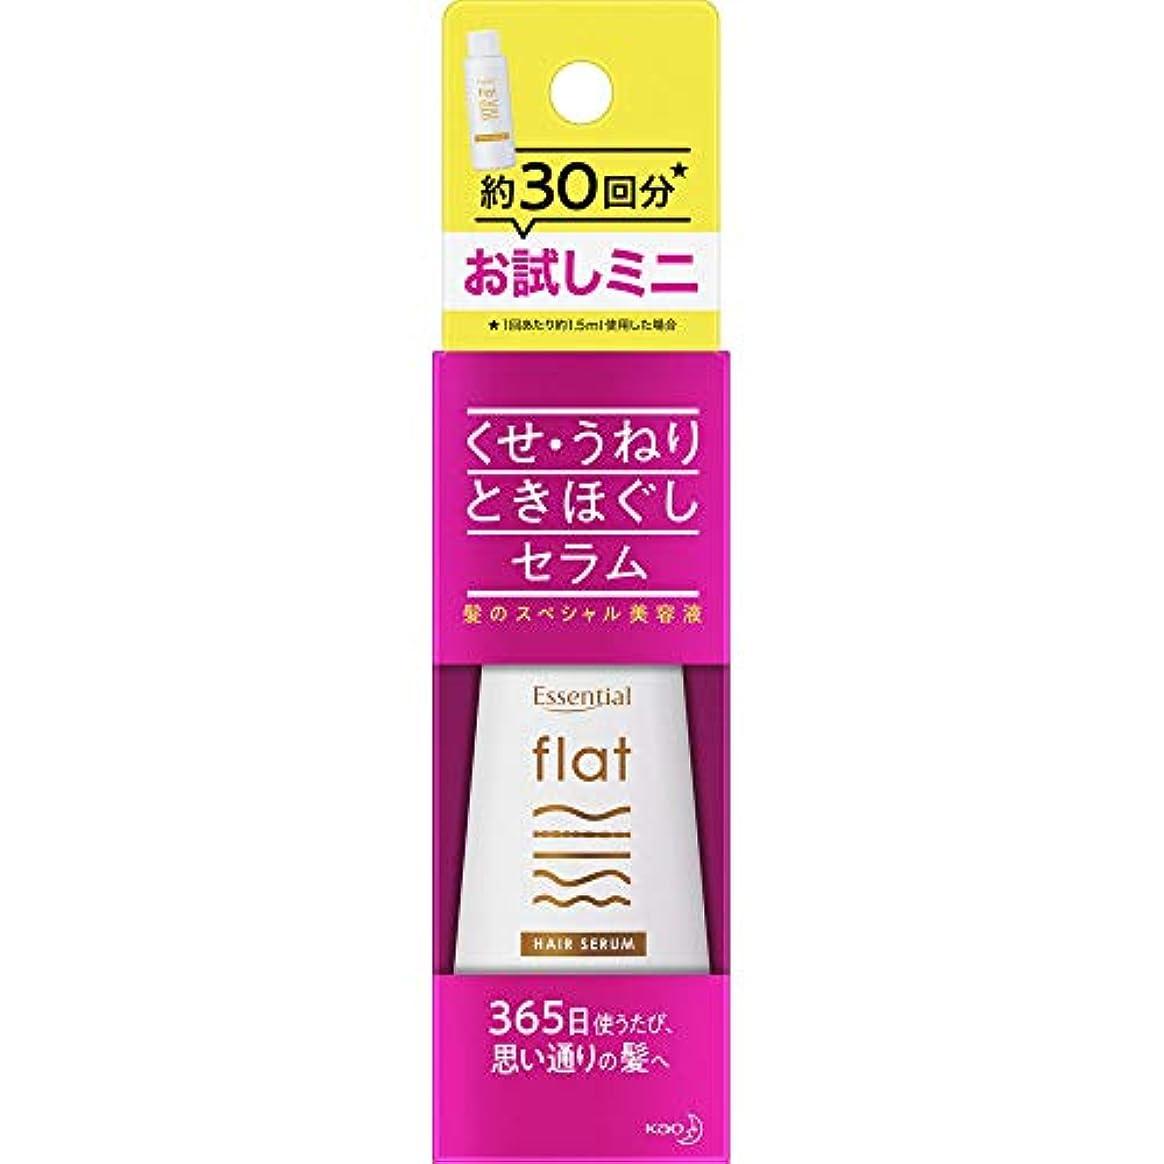 剣美的スピーカー花王 エッセンシャル flat セラムミニ 45ml